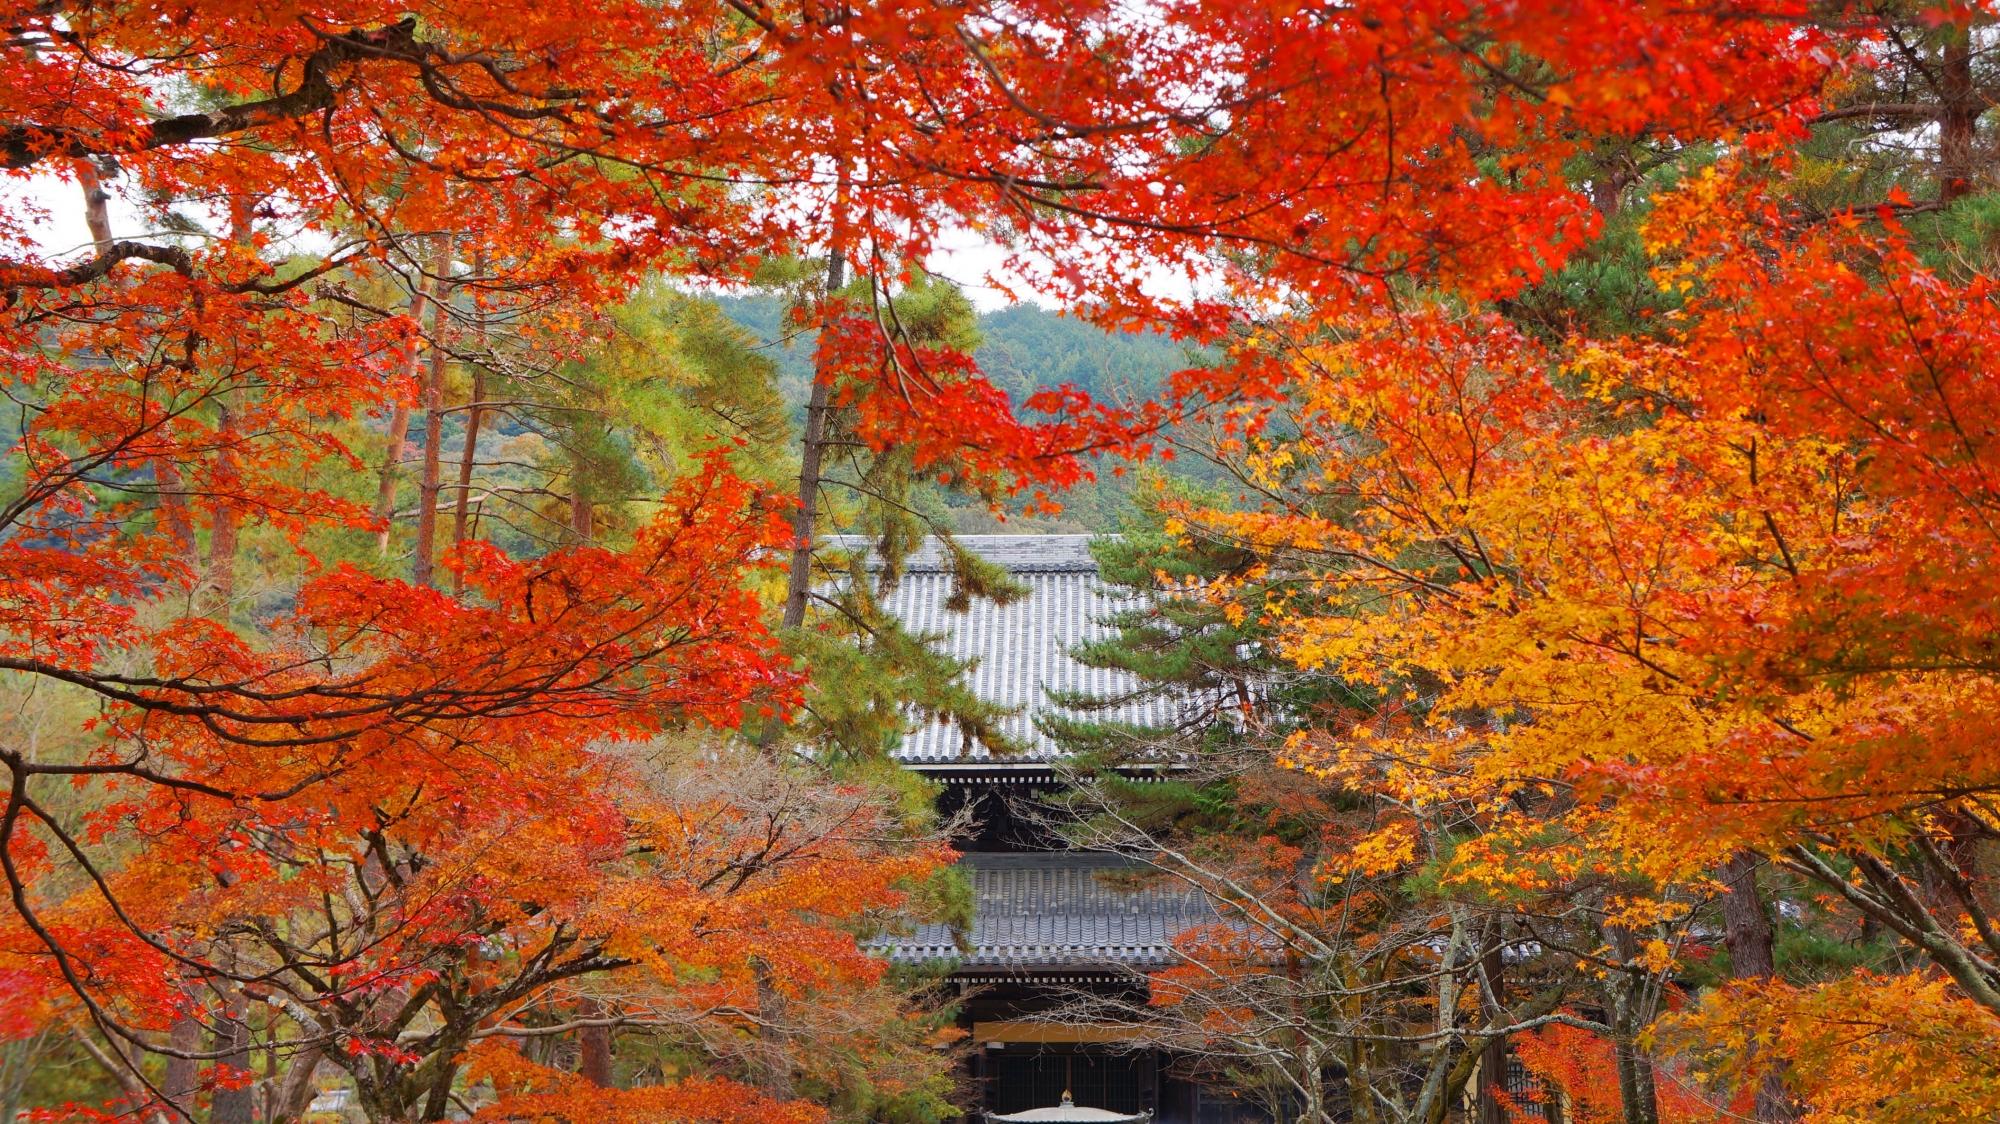 南禅寺の法堂と溢れる色とりどりの紅葉